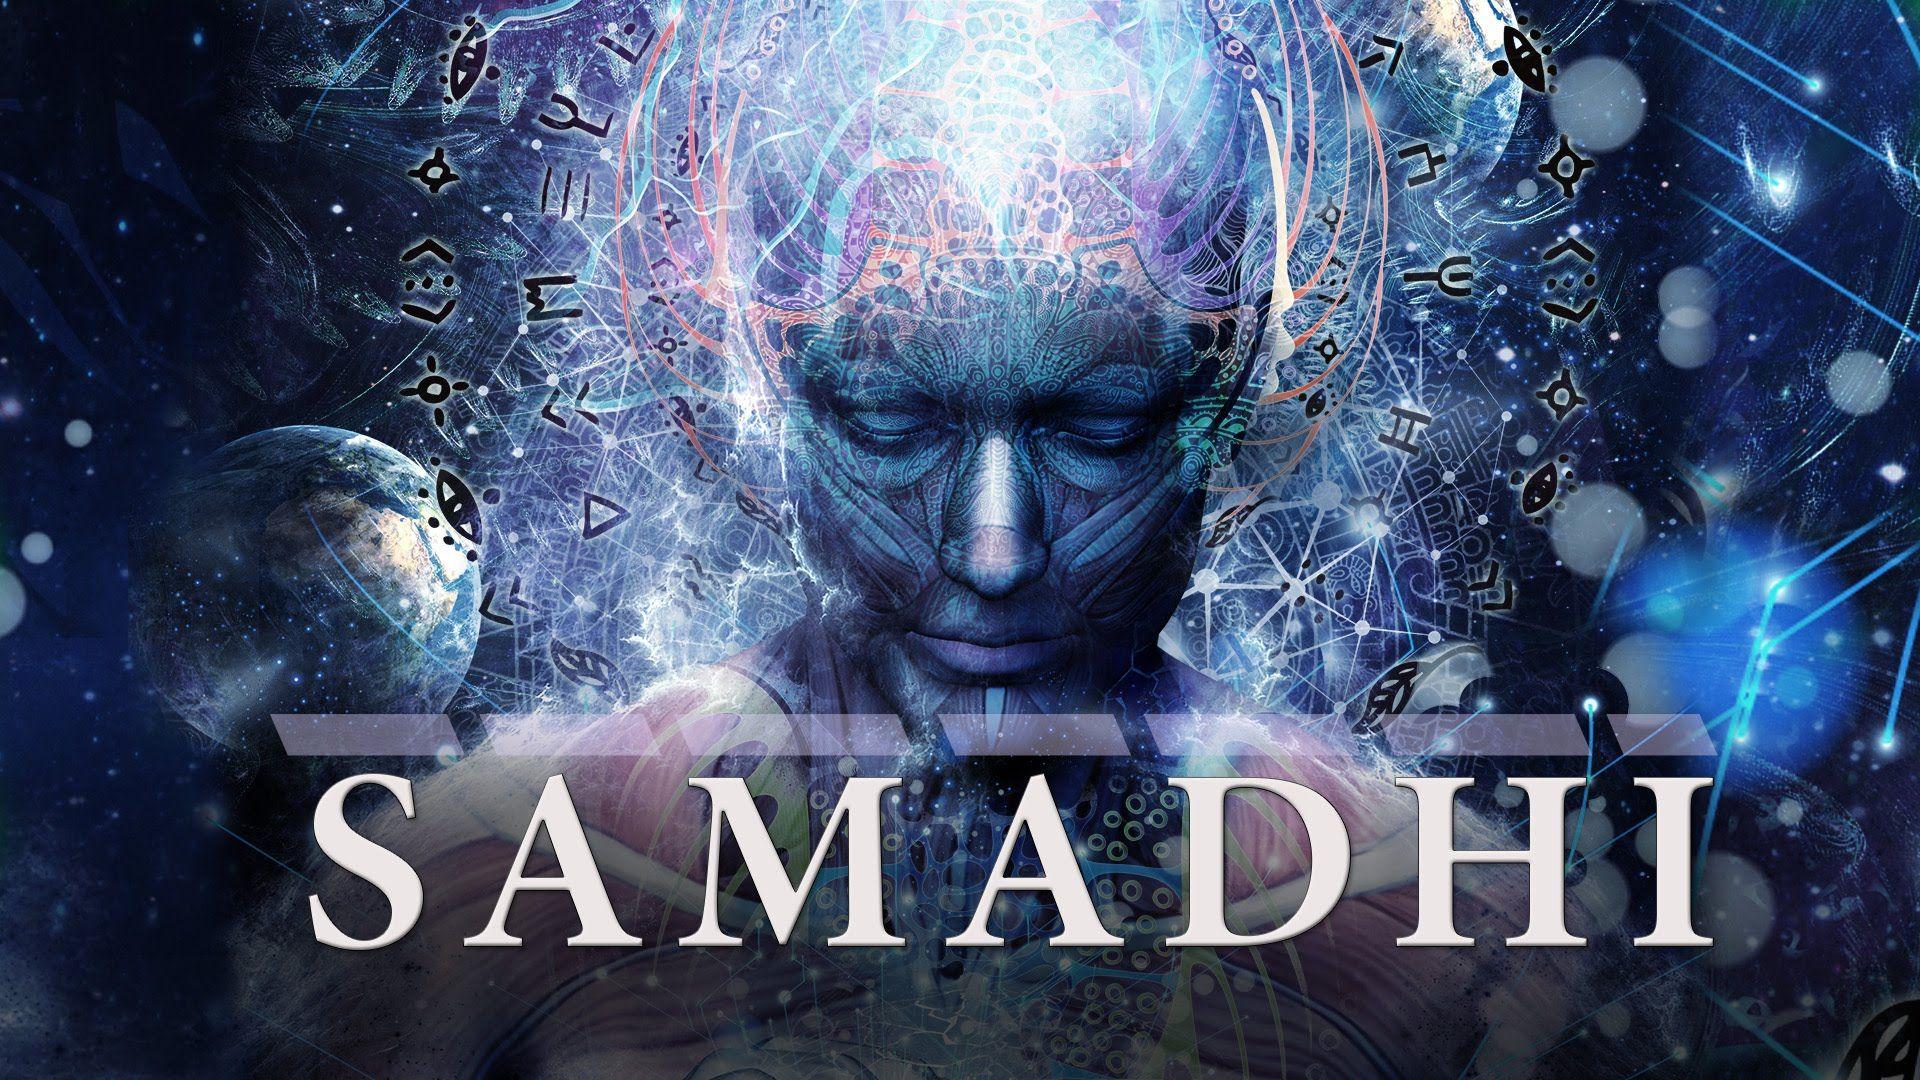 SAMADHI, Maya l'Illusion du Soi (a voir de toute urgence !) 9c6a05f5f7f133d63f15b99a5510c53b